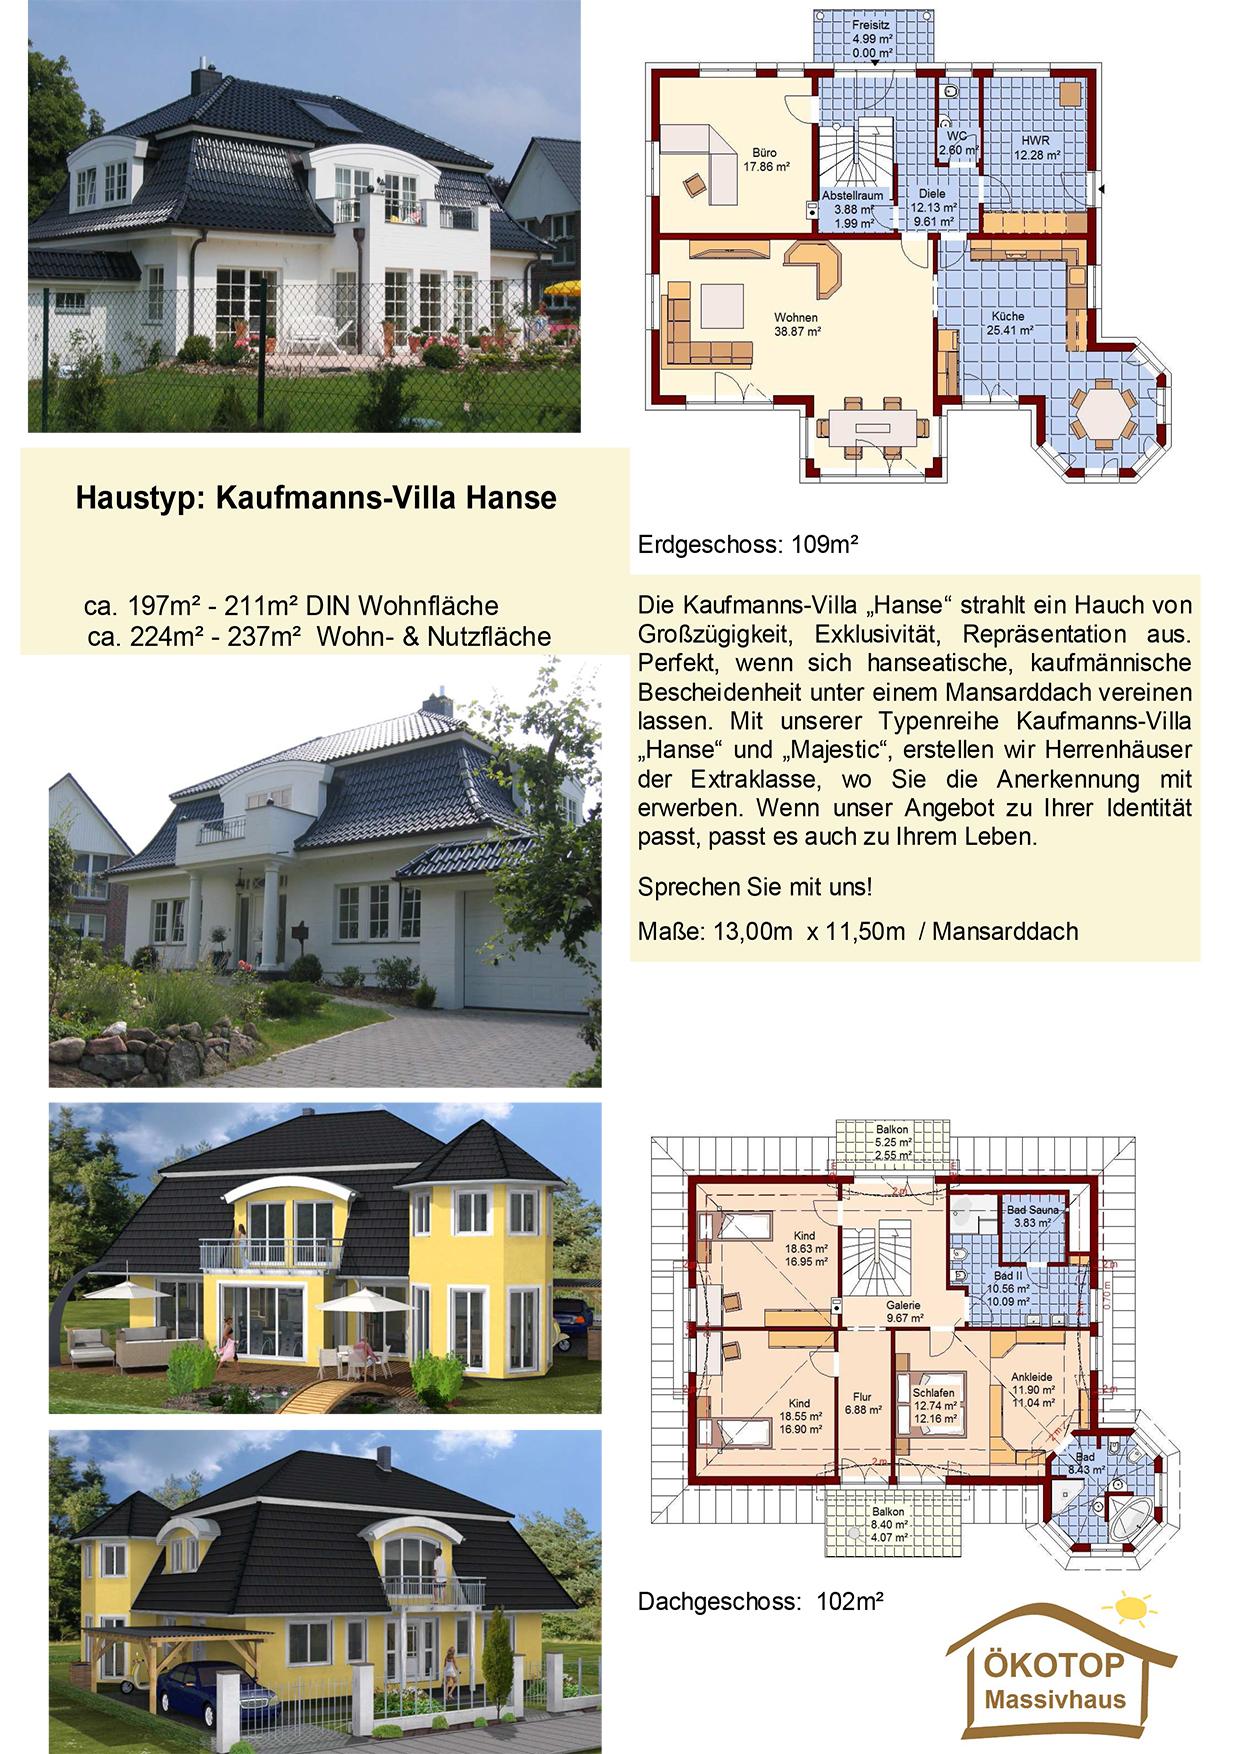 ÖKOTOP-Massivhaus Kaufmanns Villa Hanse